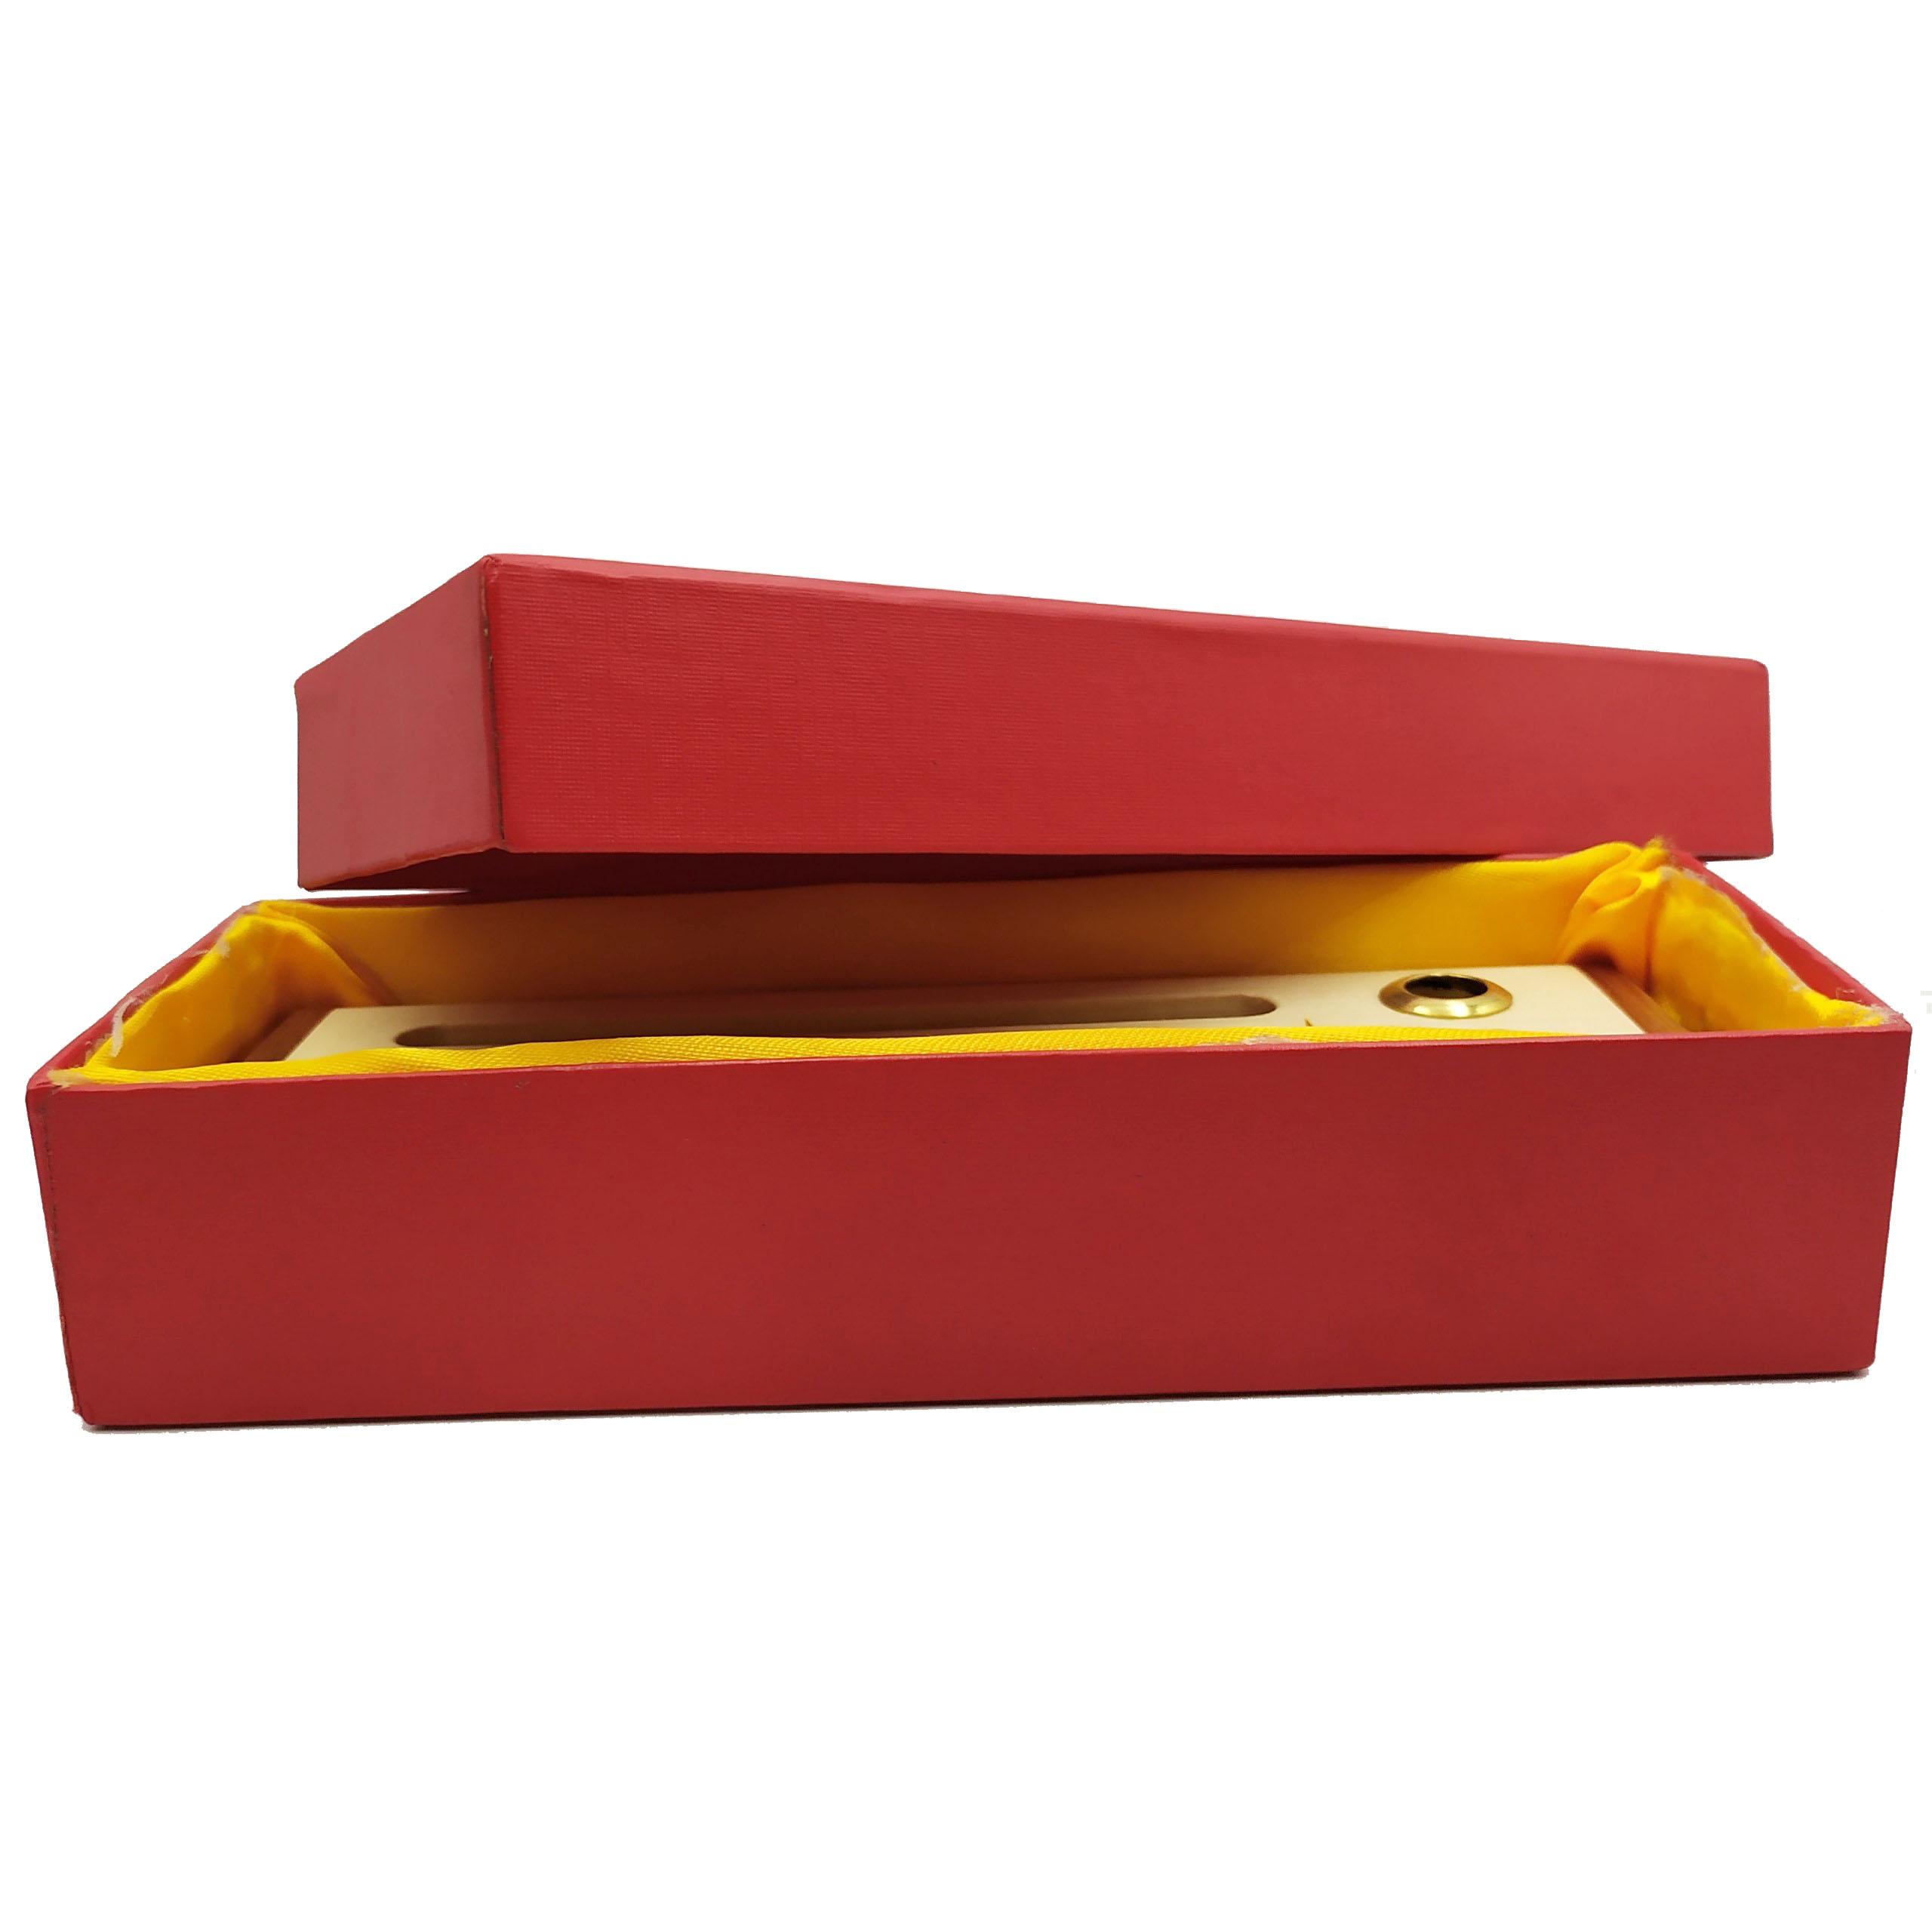 Bộ bút gỗ cao cấp tặng phụ nữ_mẫu 02 (Kèm hộp đựng sang trọng)